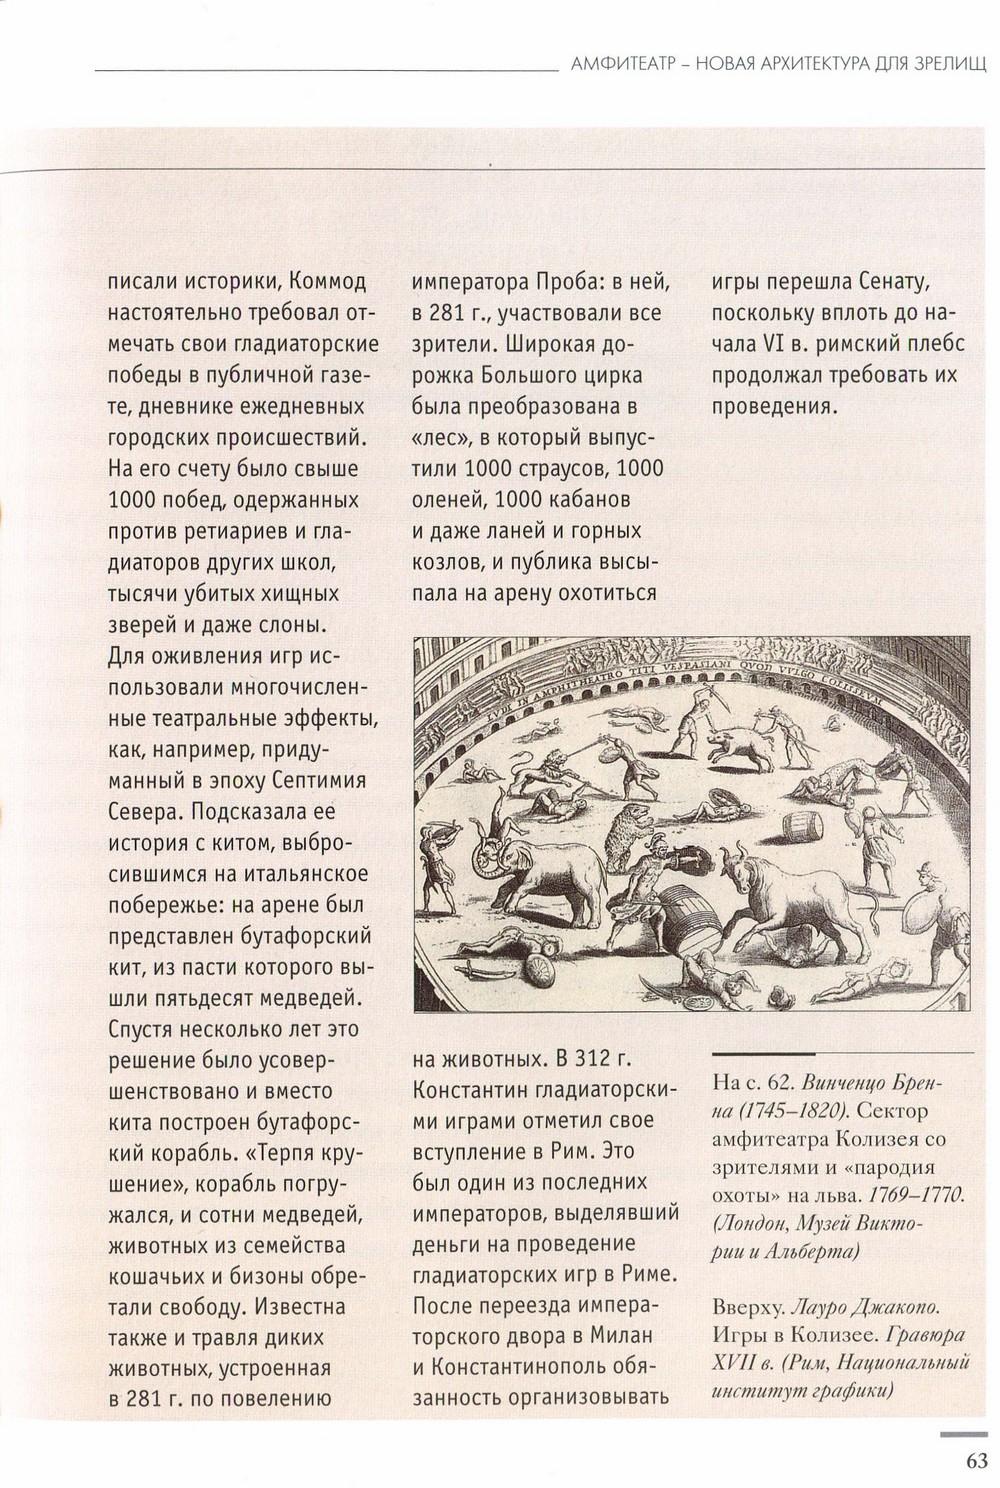 http://images.vfl.ru/ii/1363875257/5247313d/1986665.jpg